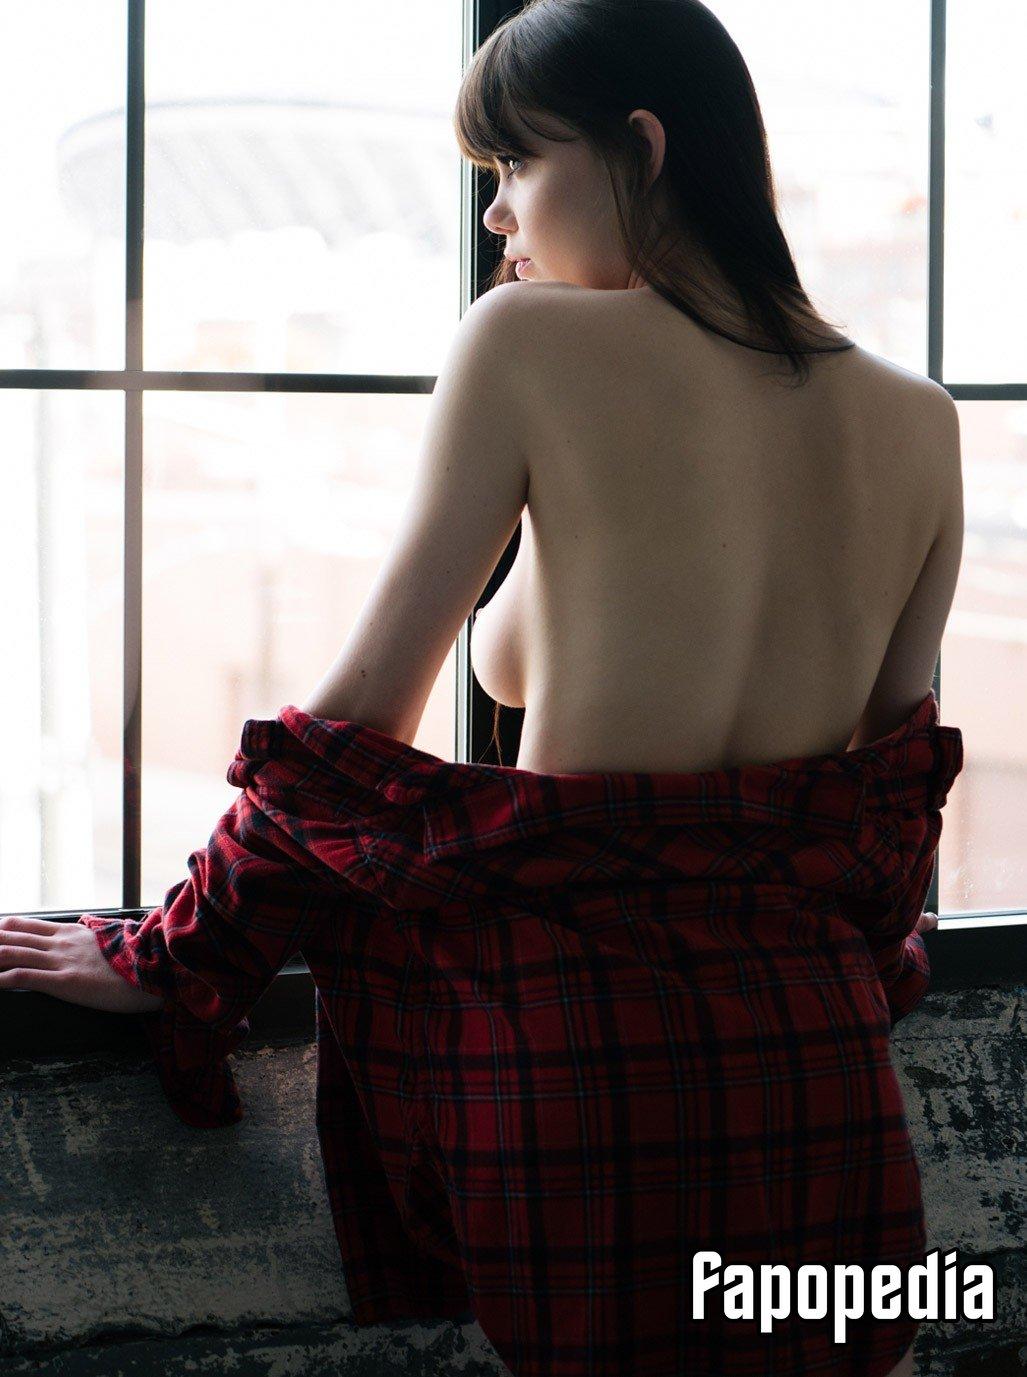 Ireland Rose Nude Leaks